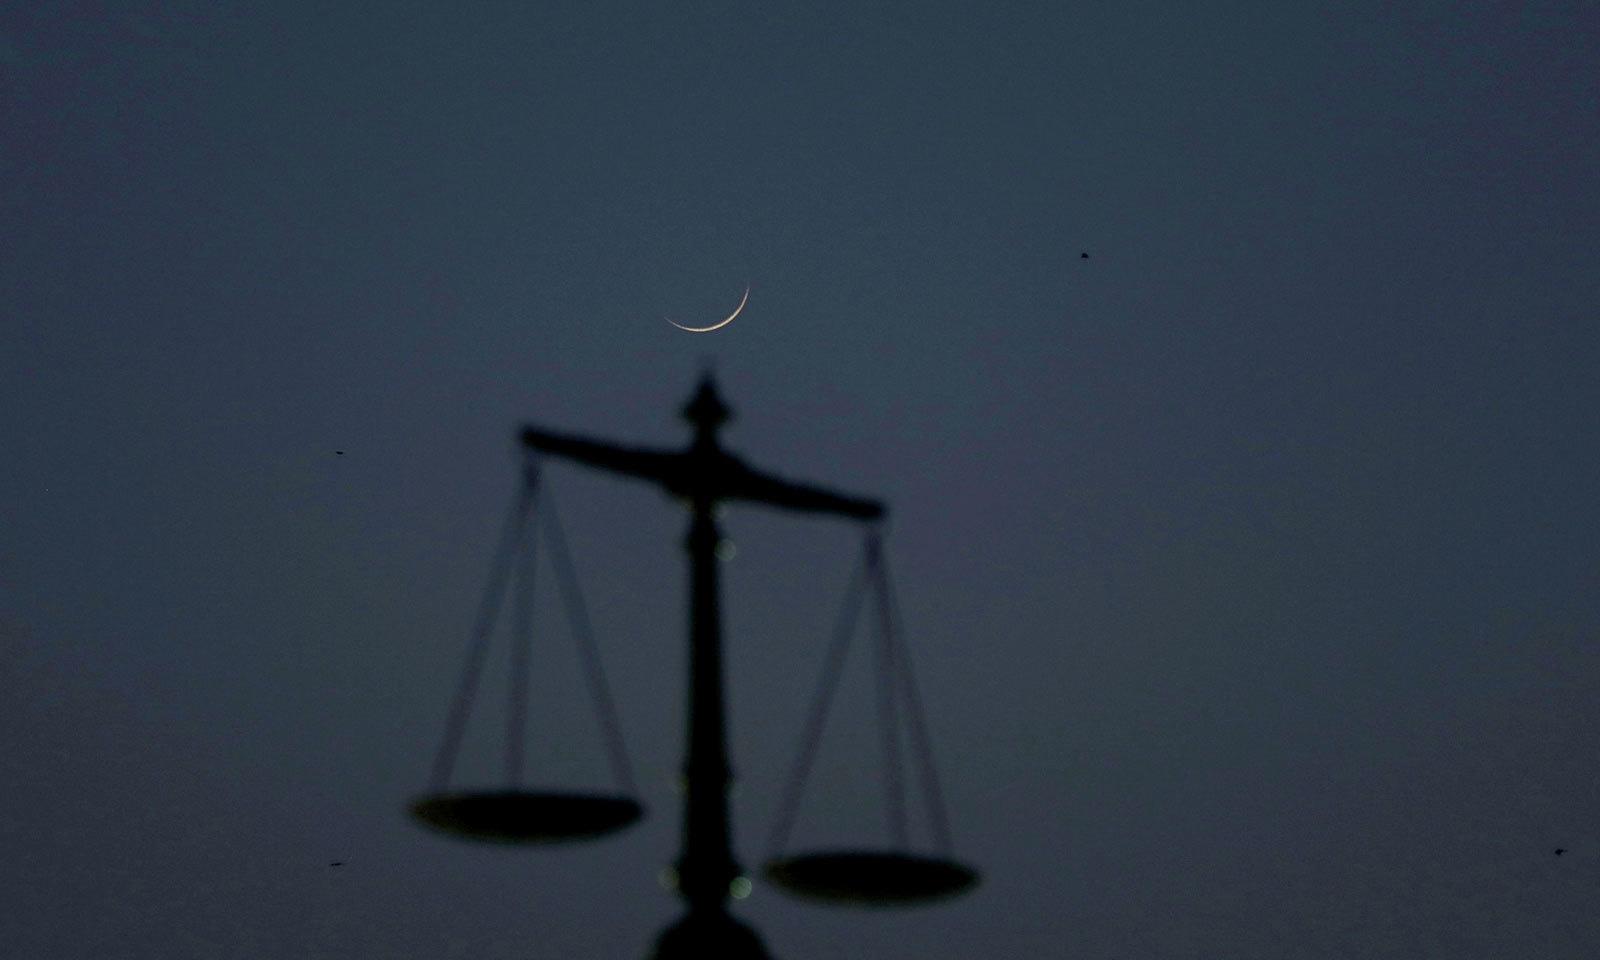 سندھ ہائی کورٹ کی عمارت سے بھی رمضان کا چاند دیکھا گیا — فوٹو: رائٹرز